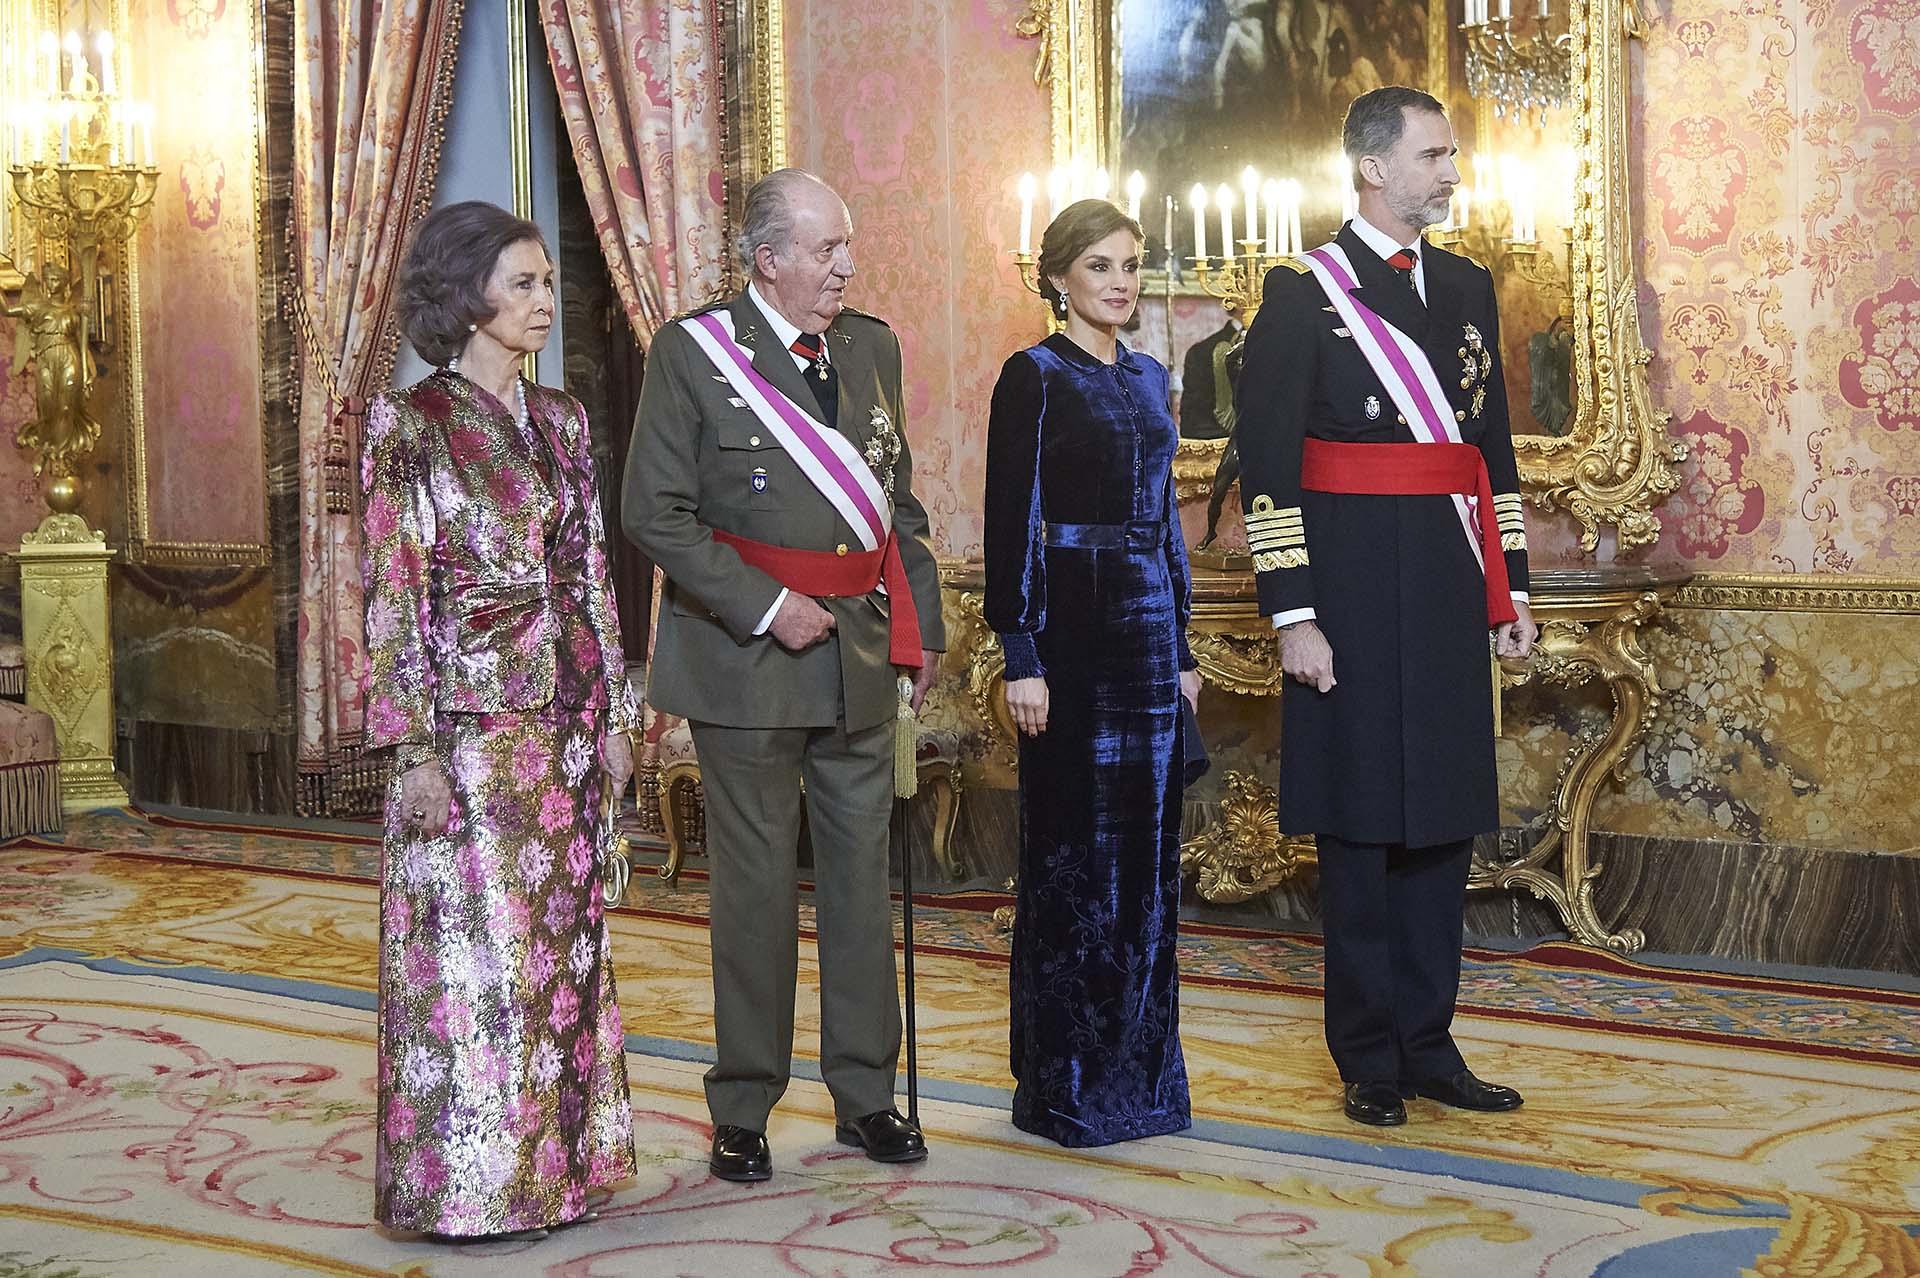 Sofía, Juan Carlos, junto a los actuales monarcas, Letizia y Felipe VI, en Madrid en 2018 (Shutterstock)